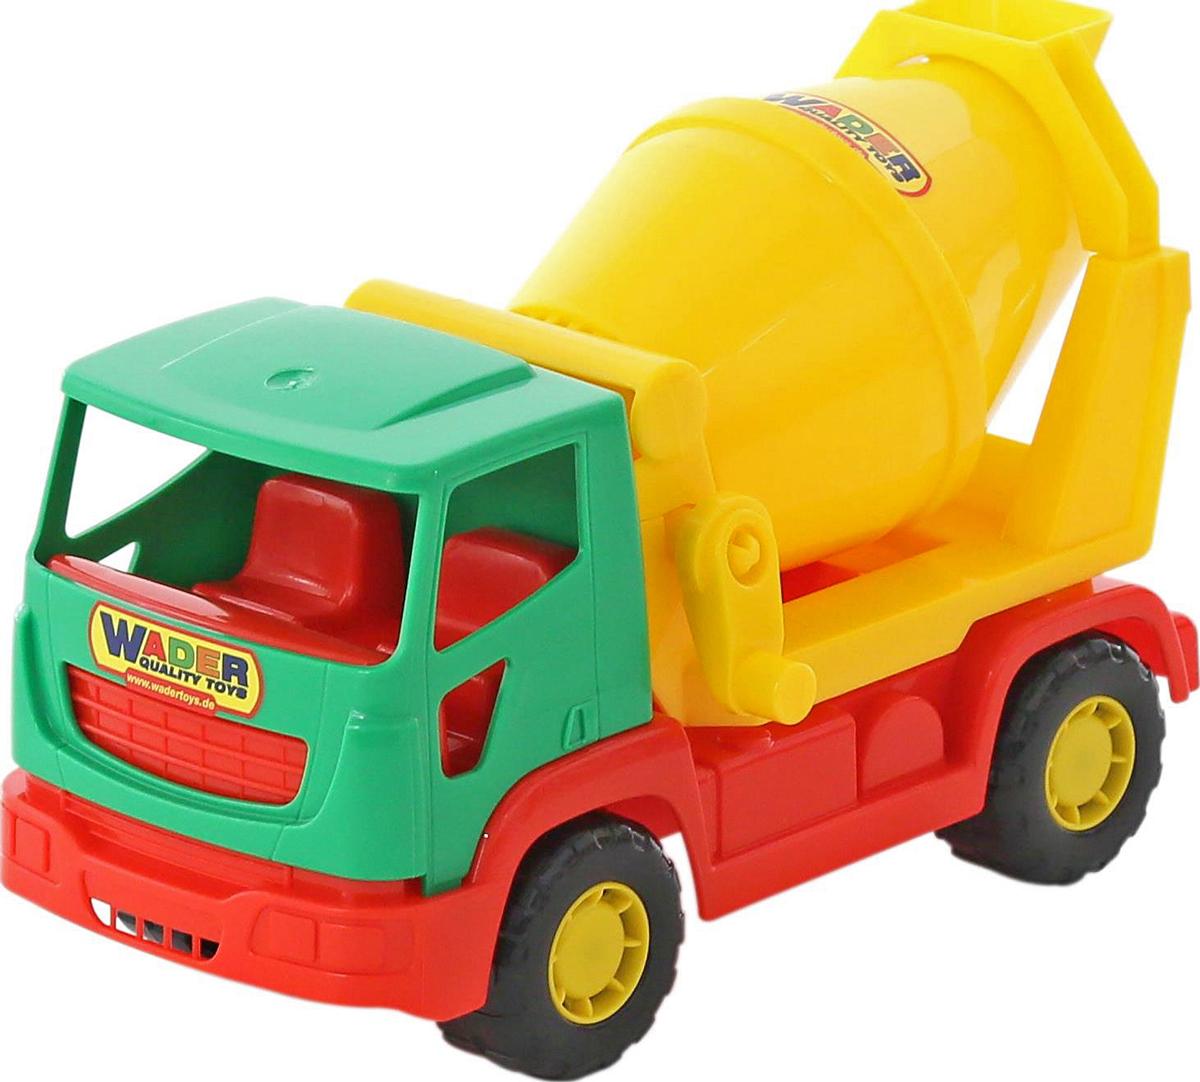 Полесье Бетоновоз Агат цвет в ассортименте автомобиль полесье жук цвет в ассортименте в ассортименте 780